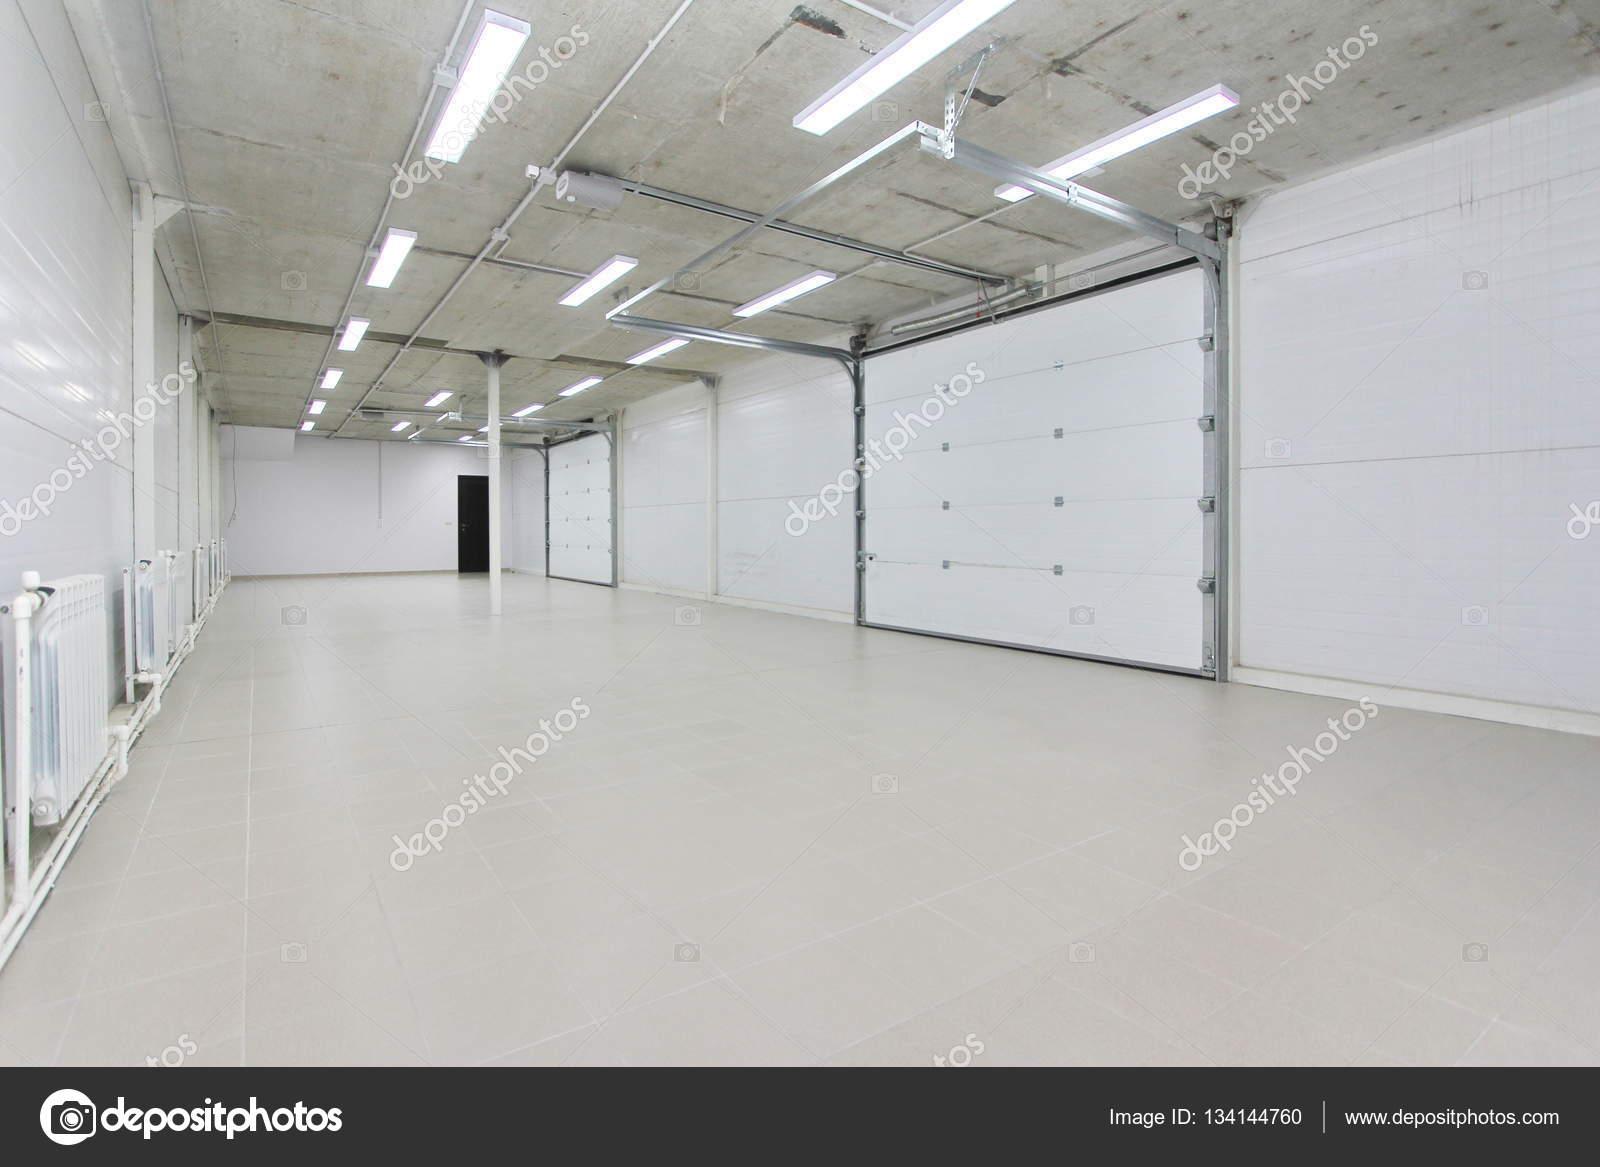 Pusty Parking W Garażu Magazynu Wnętrze Z Dużych Bram Białe I Szare